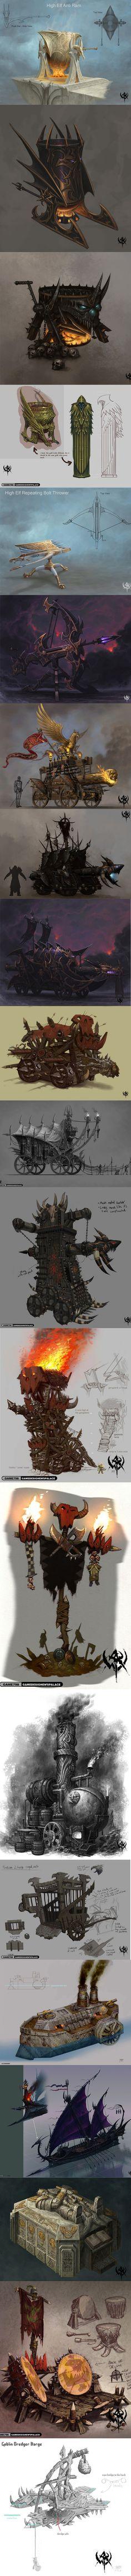 Warhammer Art, Warhammer Fantasy, Warhammer Online, Fantasy Background, Art Background, Prop Design, Game Design, Fantasy Online, Fantasy Pictures